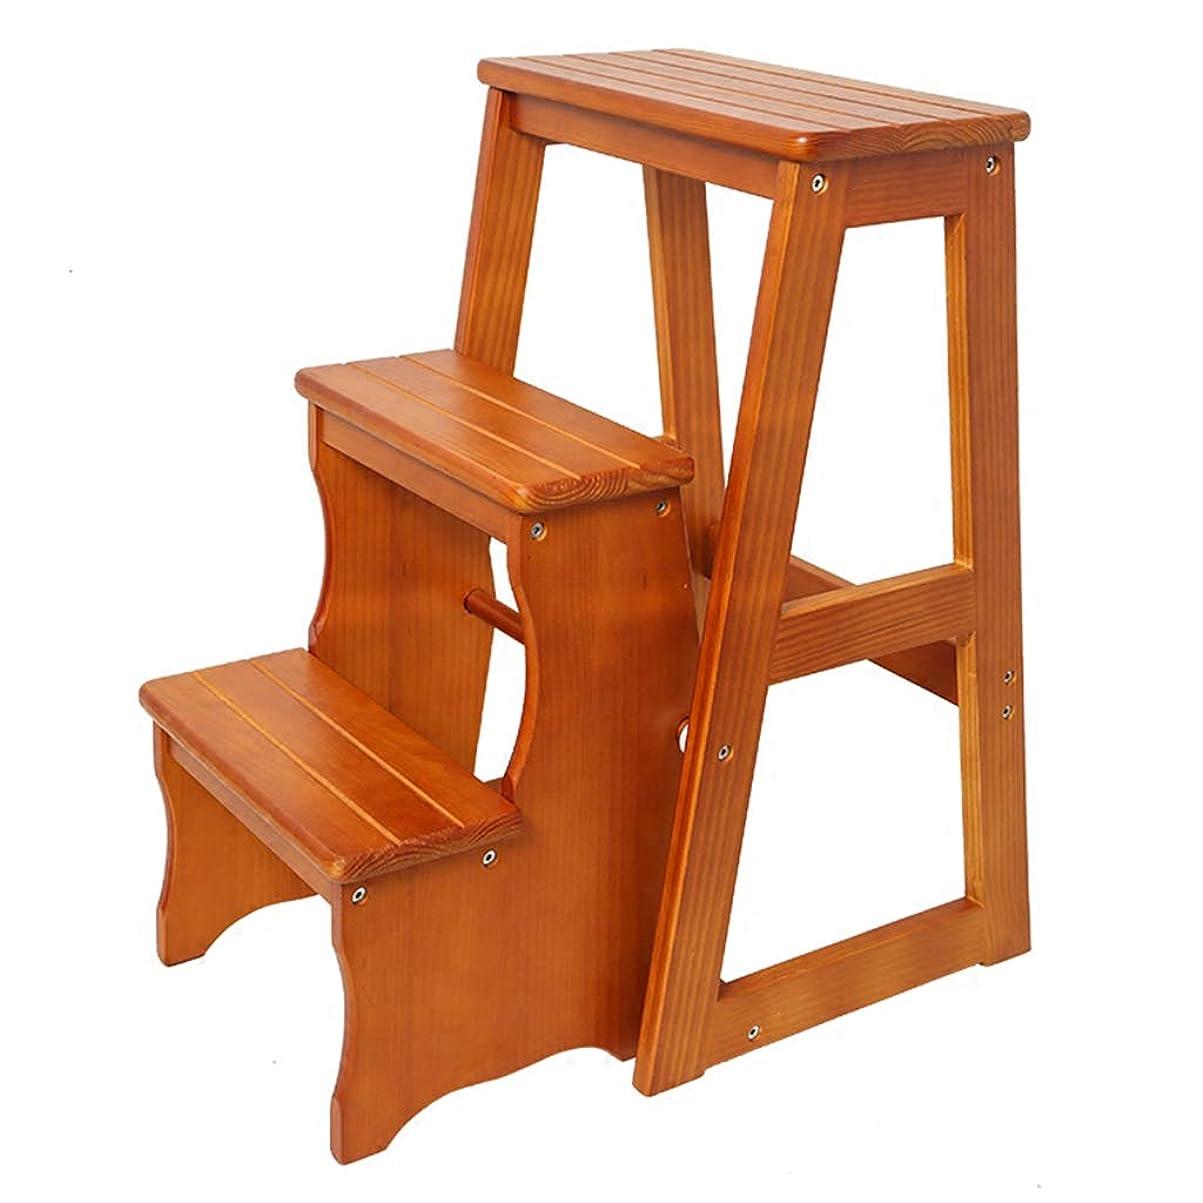 前件従来の油階段椅子席 木製折りたたみ3段階段はしご 多目的ポータブルチェア家庭用階段 ヘビーデューティステップスツール キッチン用/装飾用/ファンシーステップスツール (身長64cm) 靴箱 事務所 ホーム